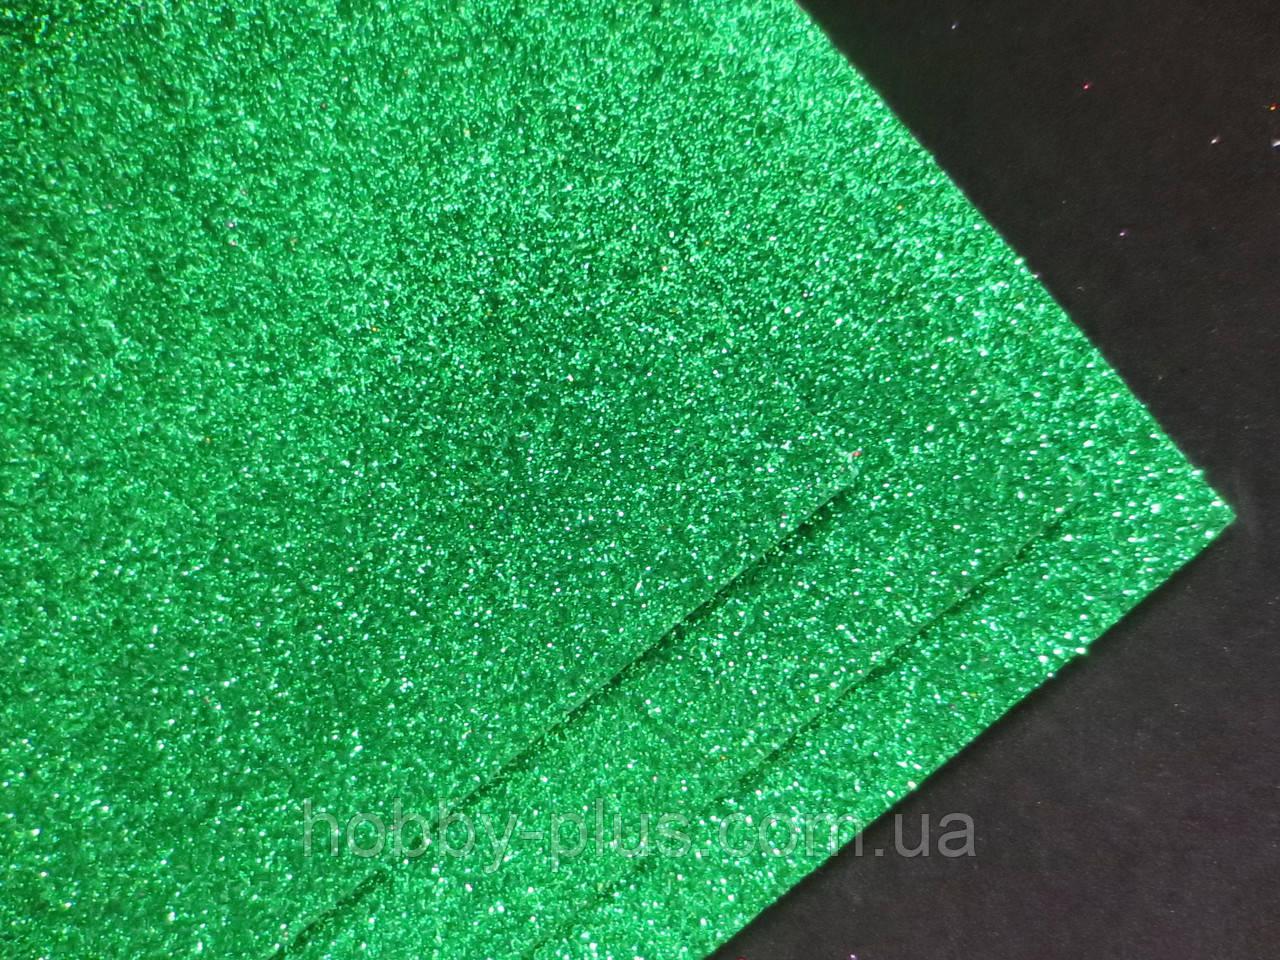 Фоамиран глиттерный на клеевой основе, 2 мм, 20x30 см, Китай, ЗЕЛЕНЫЙ